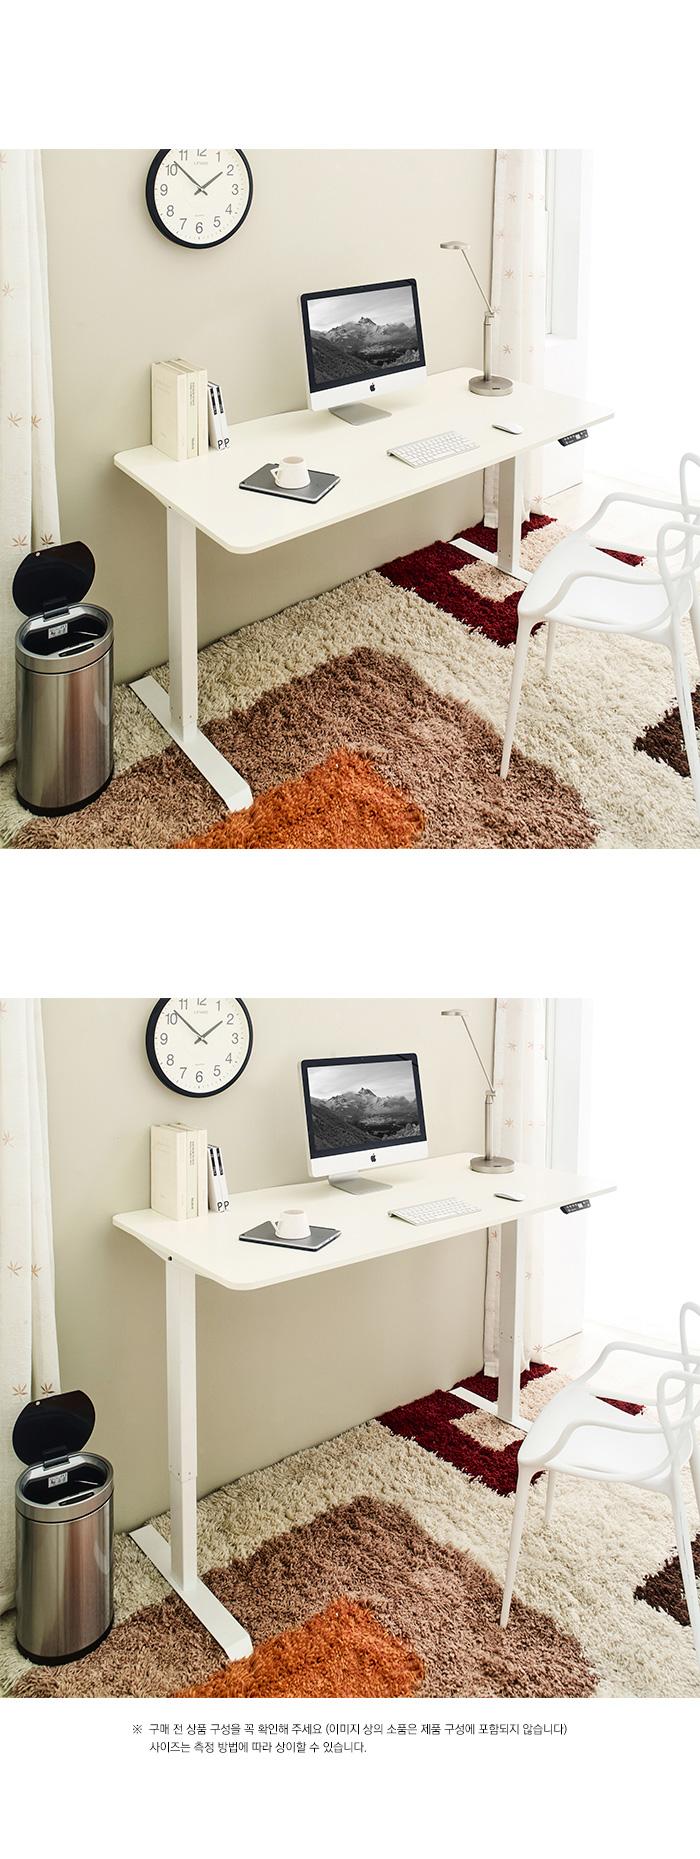 Oxford-008-Adjustable-Desk_181227-04.jpg